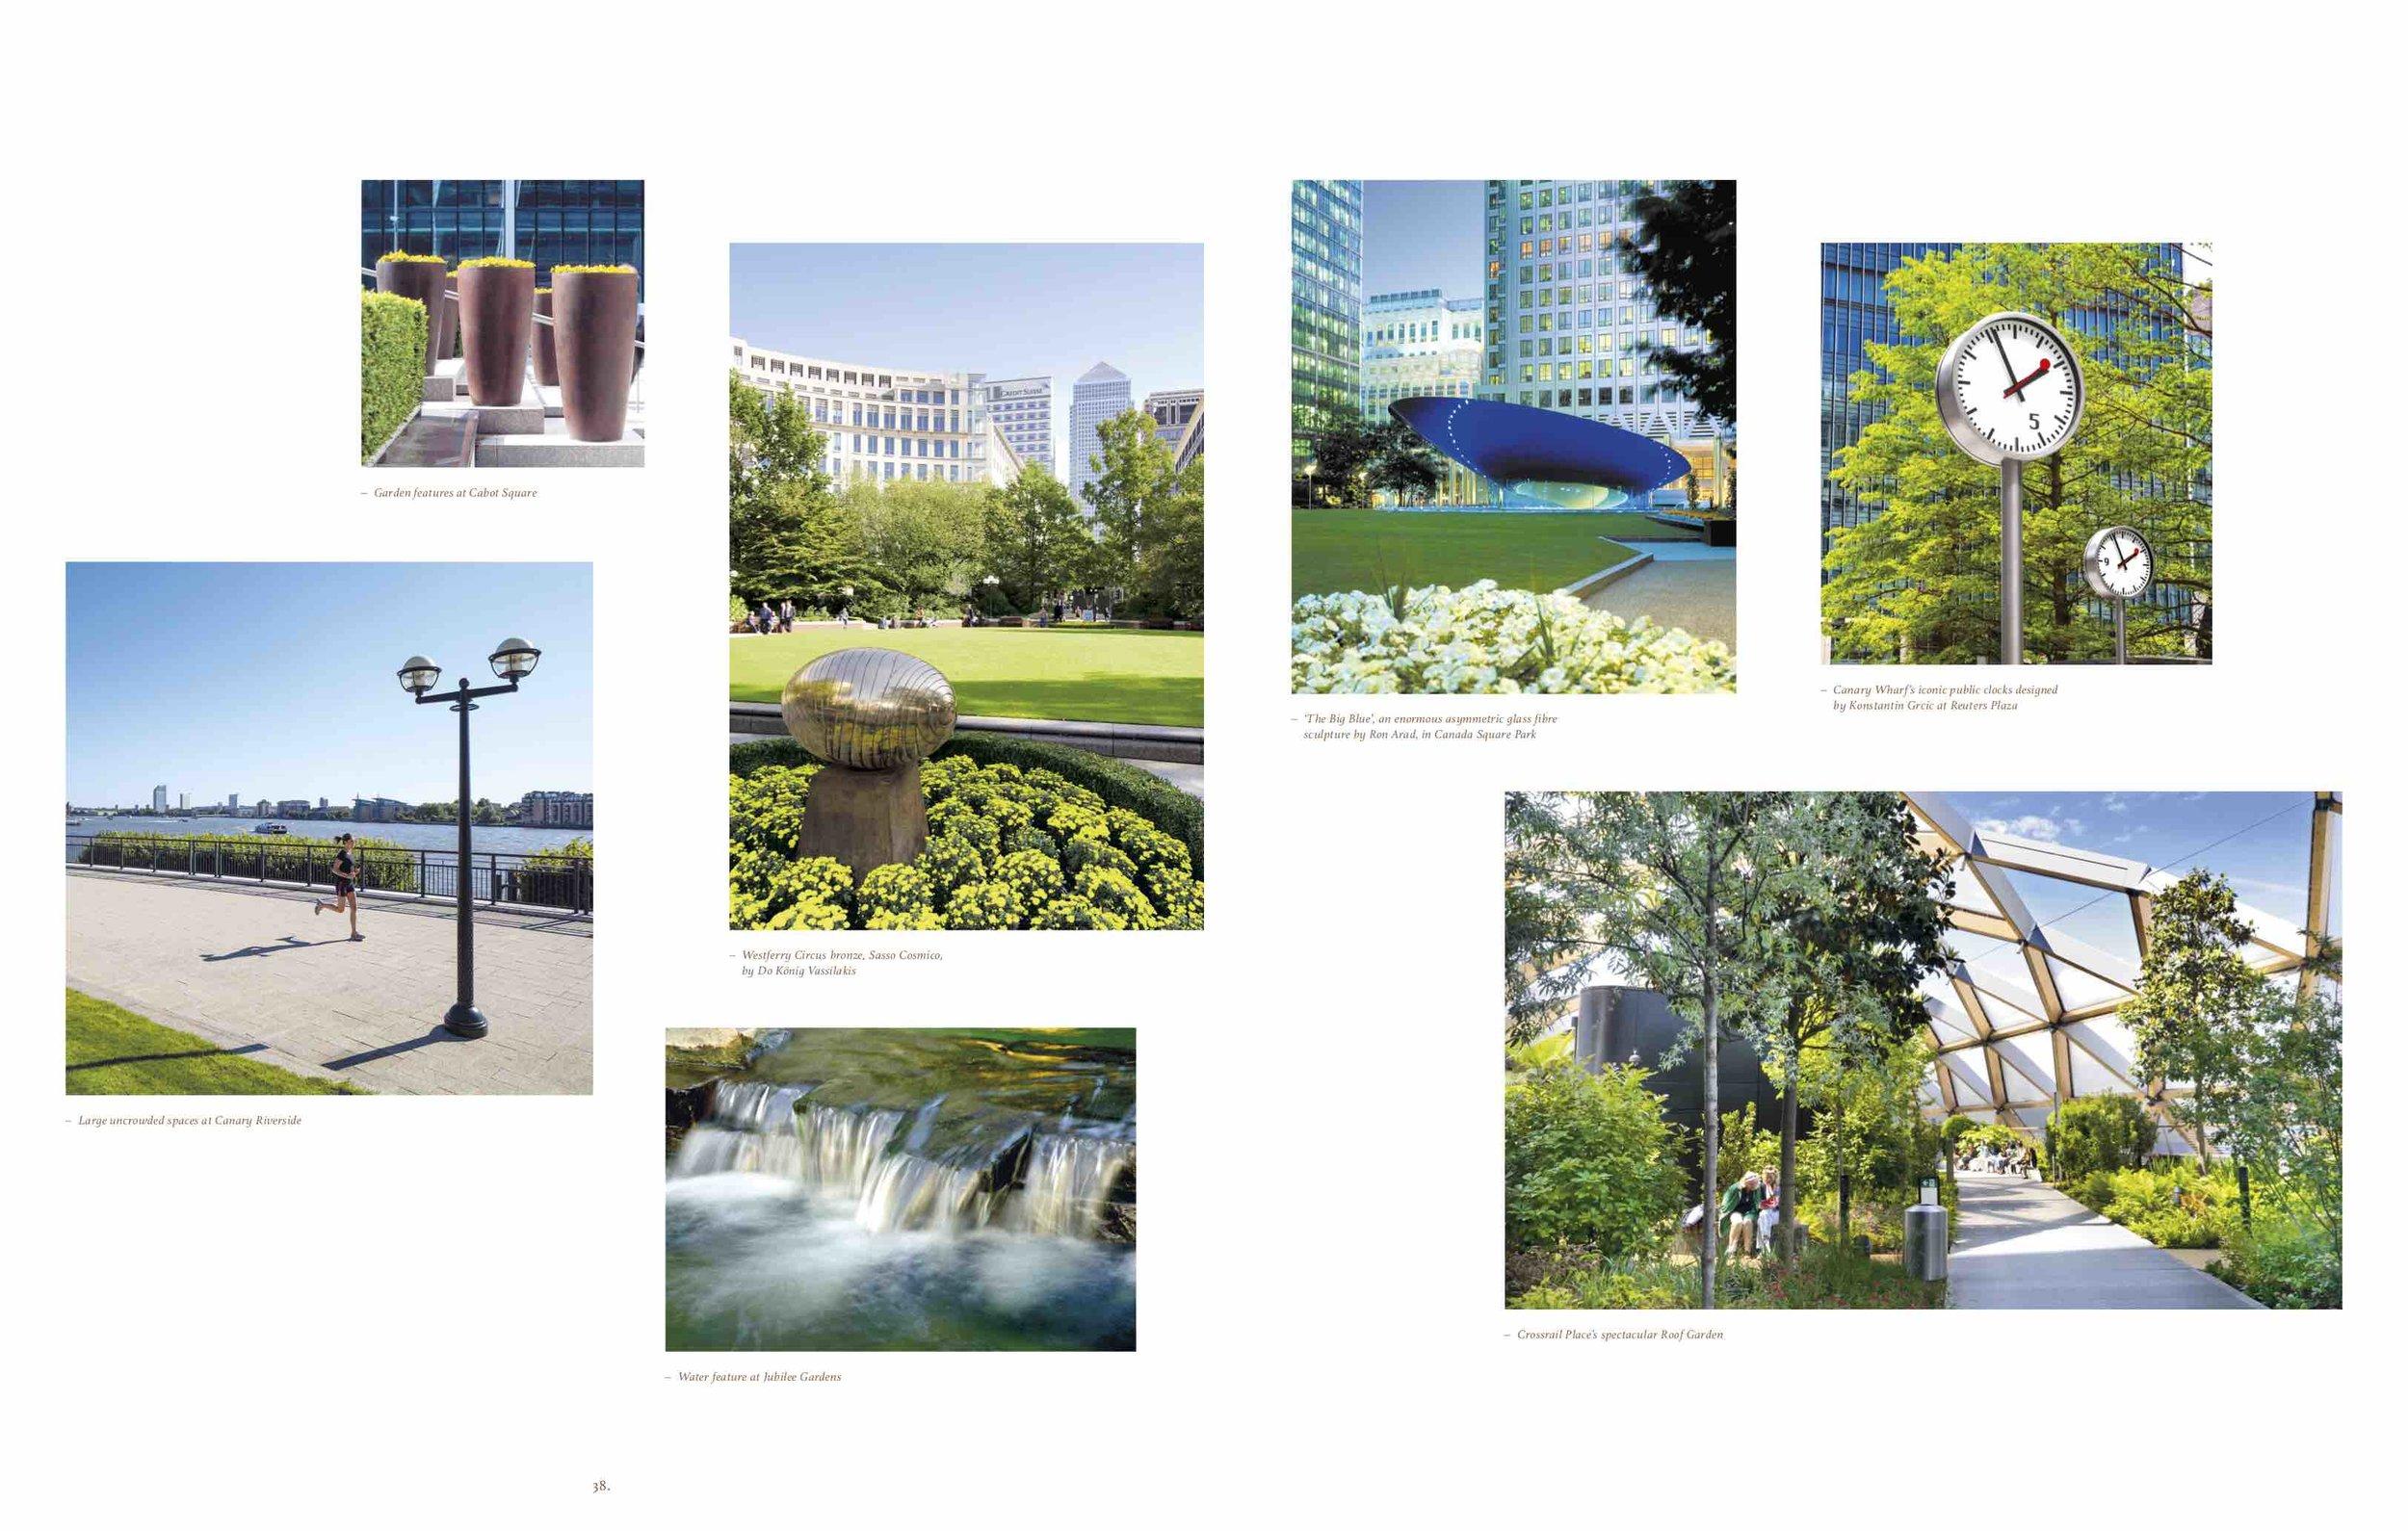 1605630 London Spire_v22_Visual HR copy 27.jpg